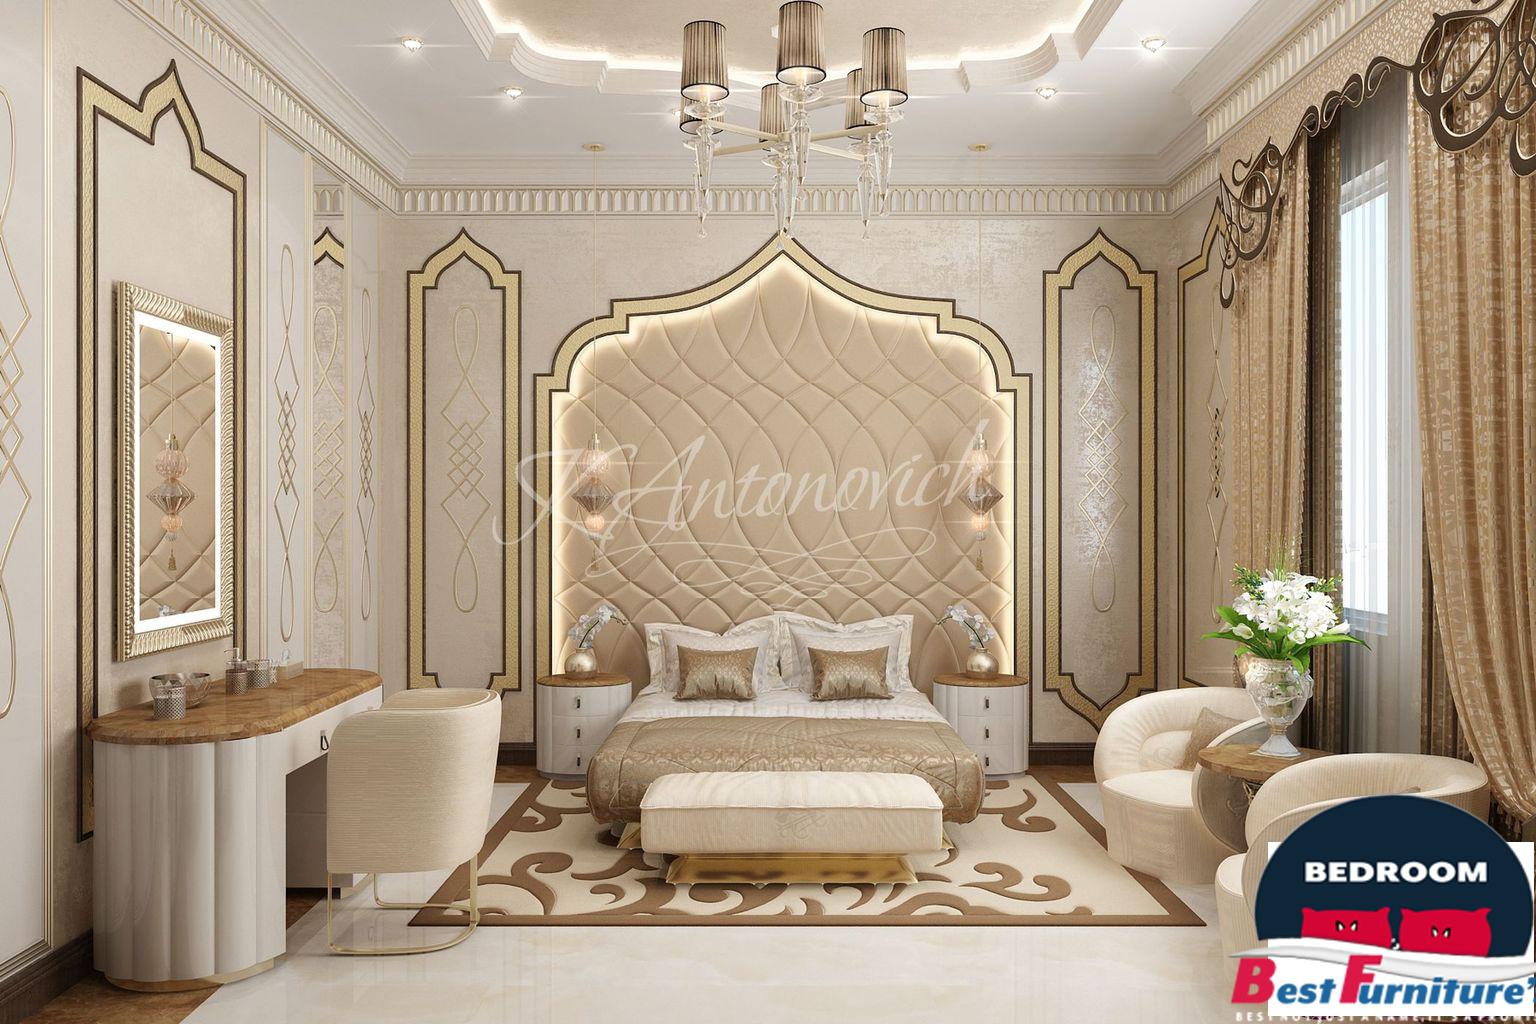 Best bedroom furniture's brands